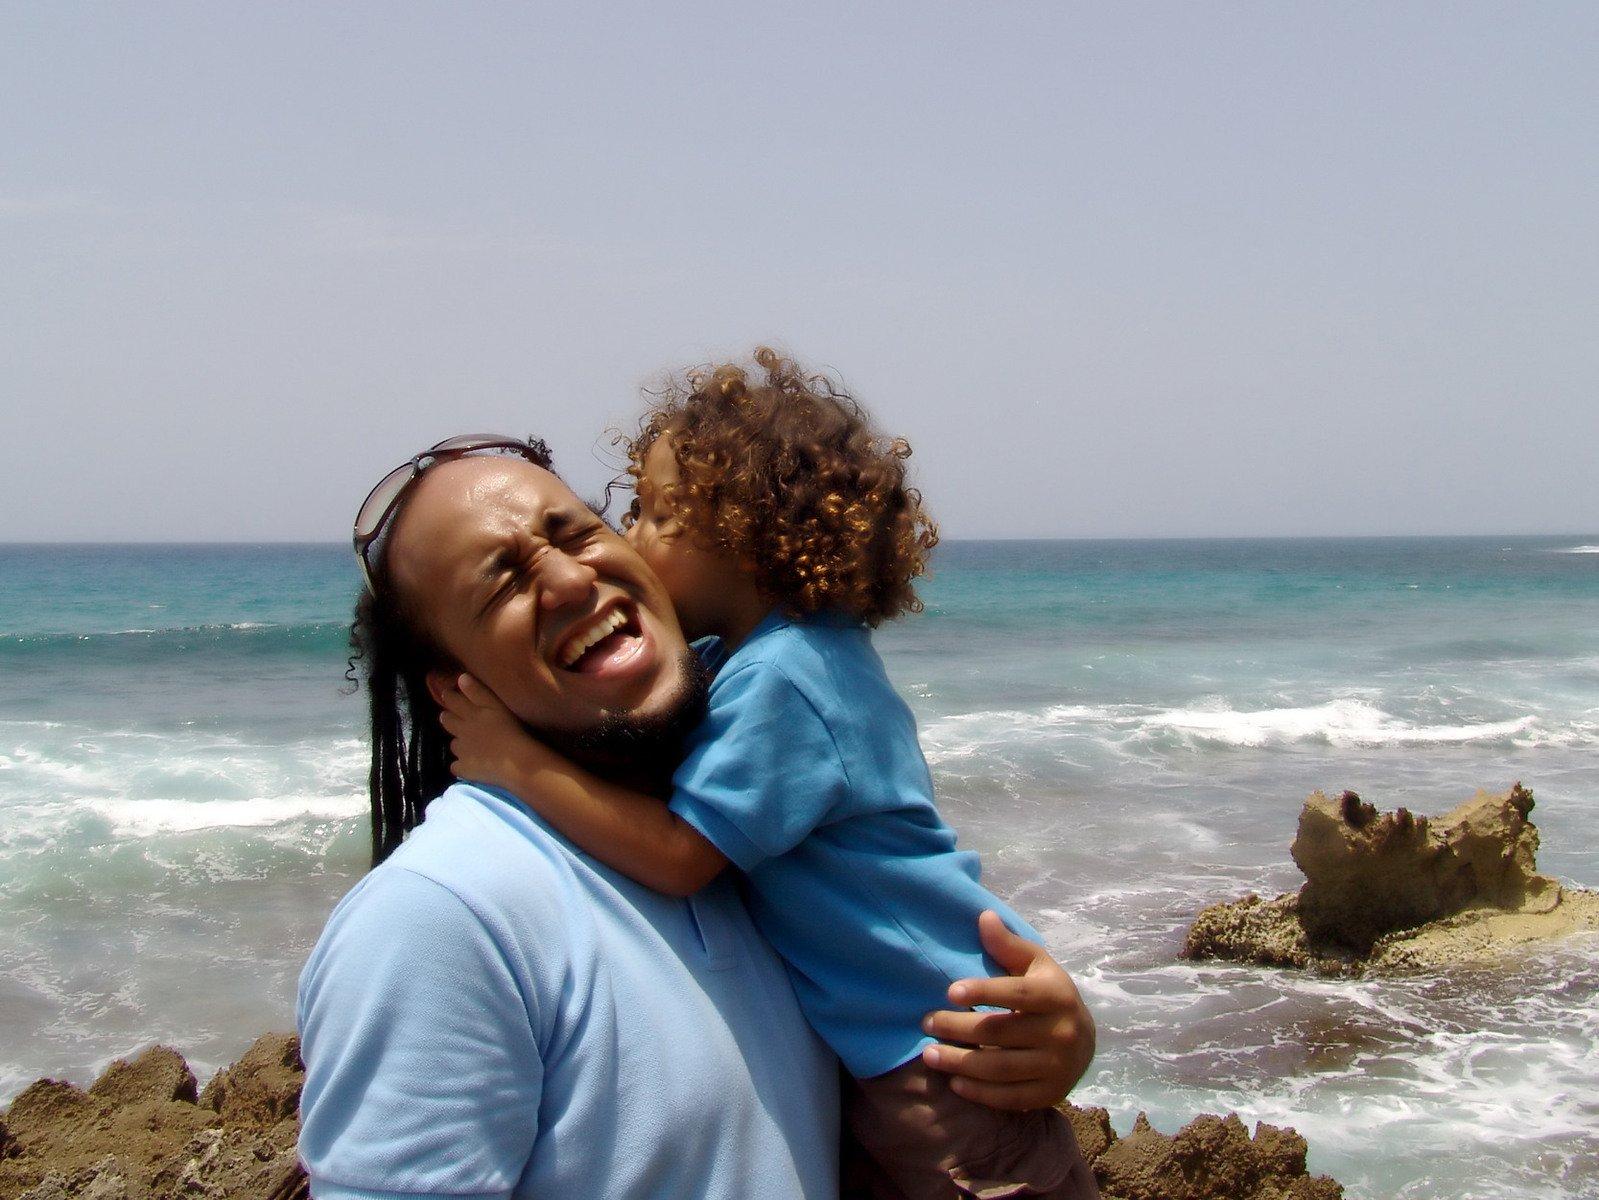 Otec s dítětem v náručí na břehu moře (oba v modrém)